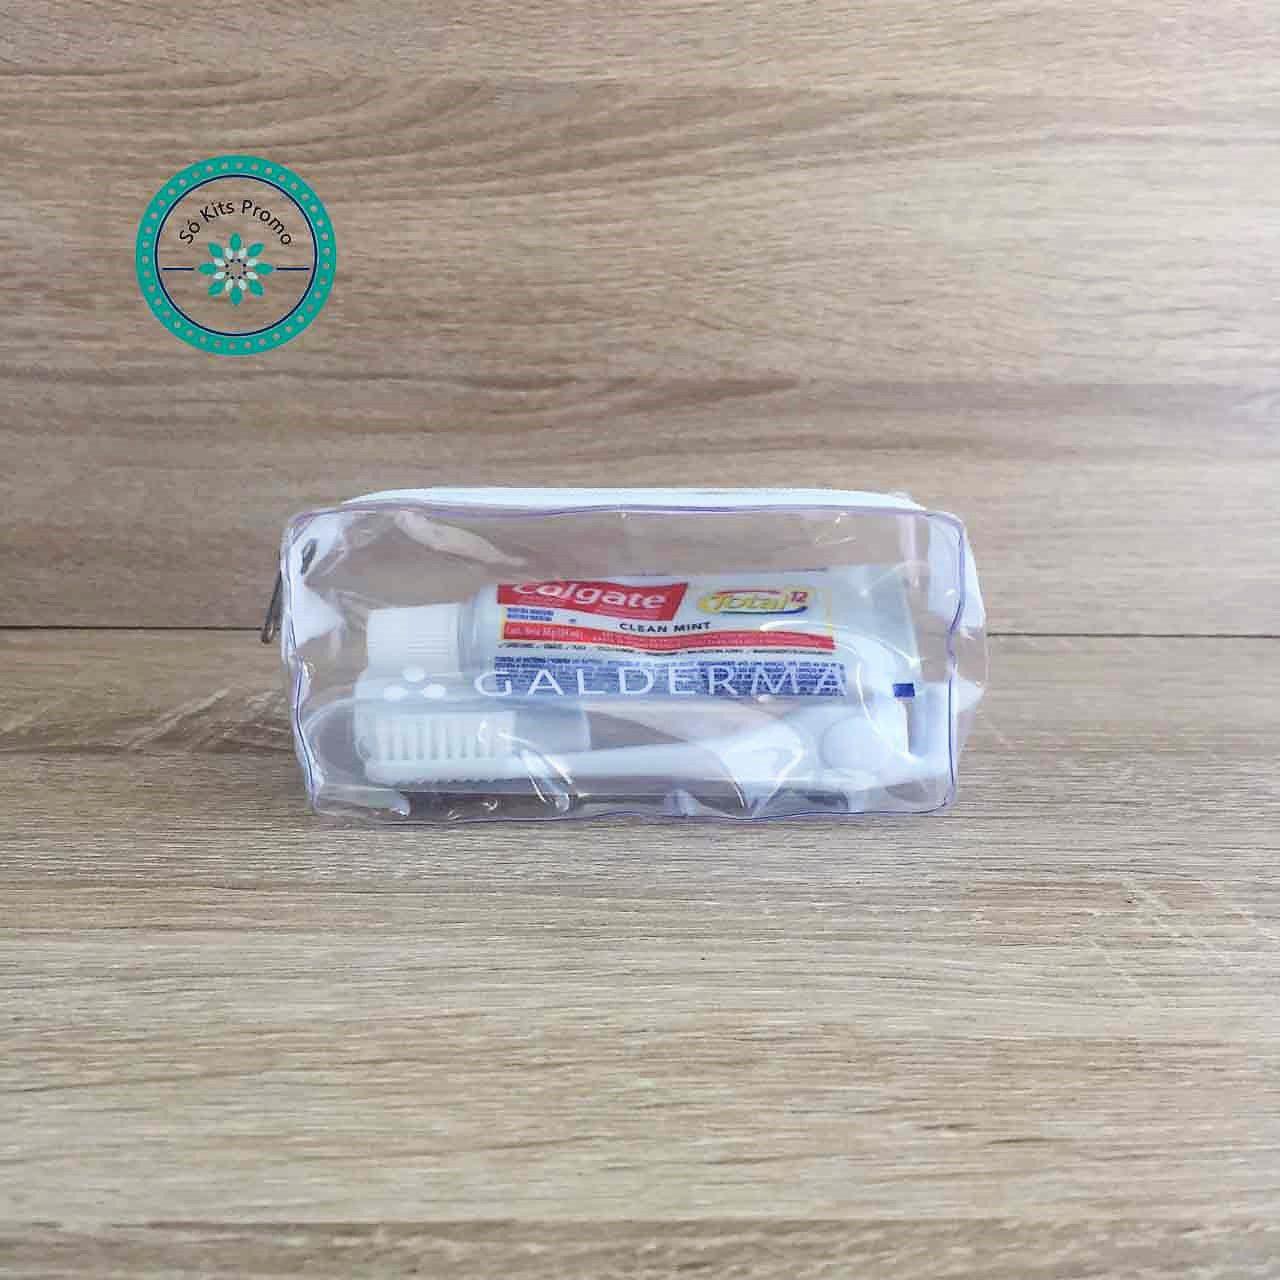 KITHIG002 - Kit Higiene